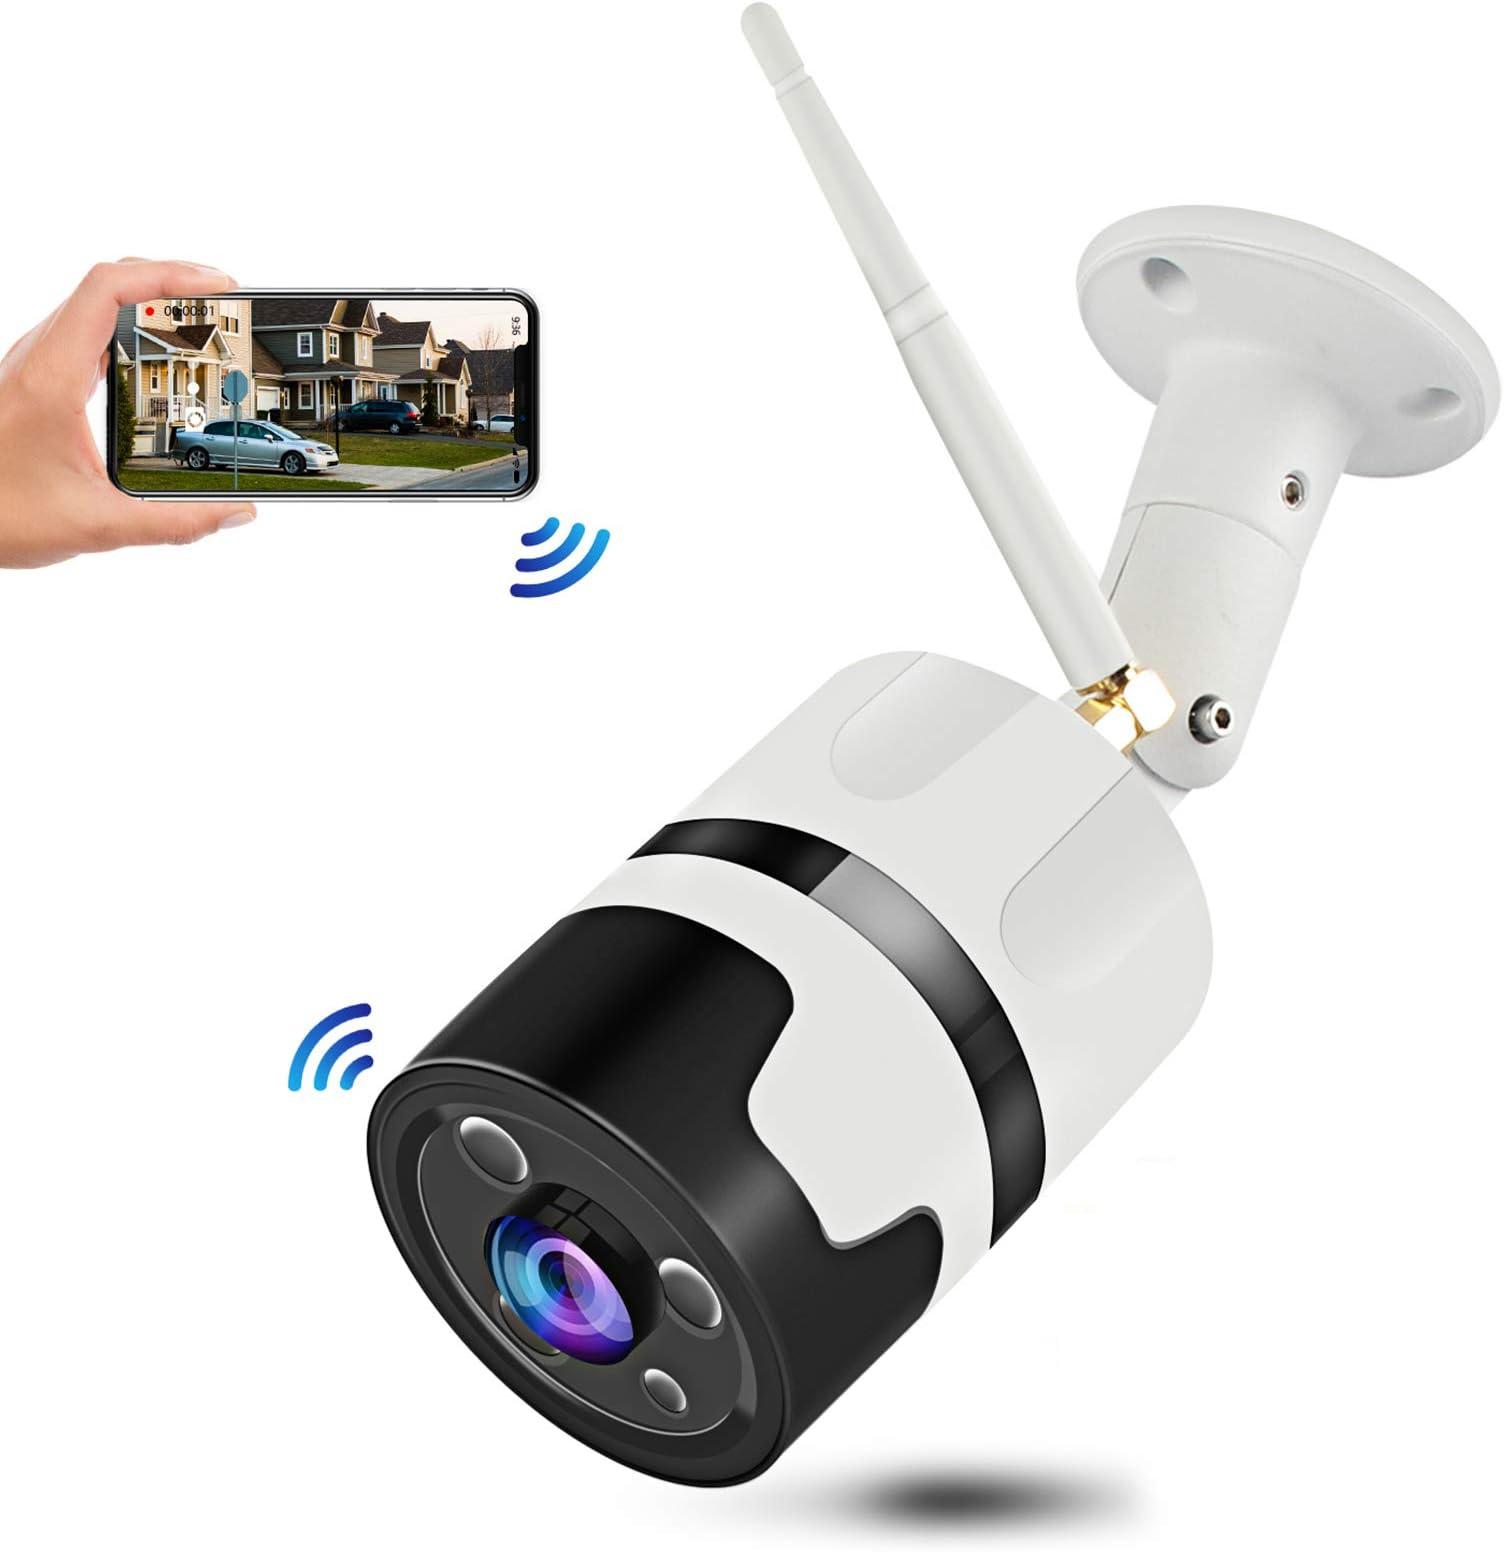 Réseau Caméra Wifi//WLAN Avec App pour iOS Android Caméra Surveillance